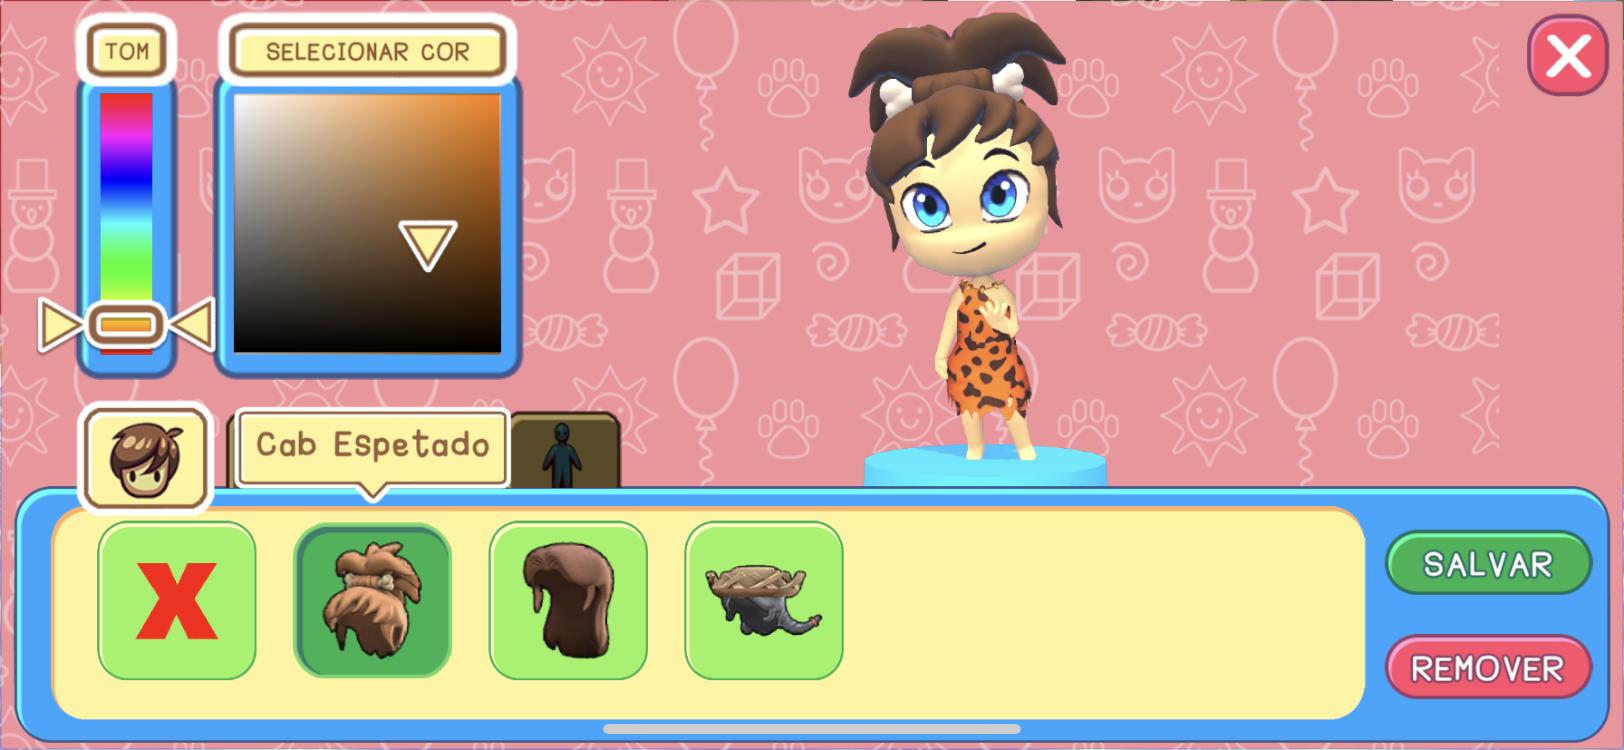 Customização de avatar